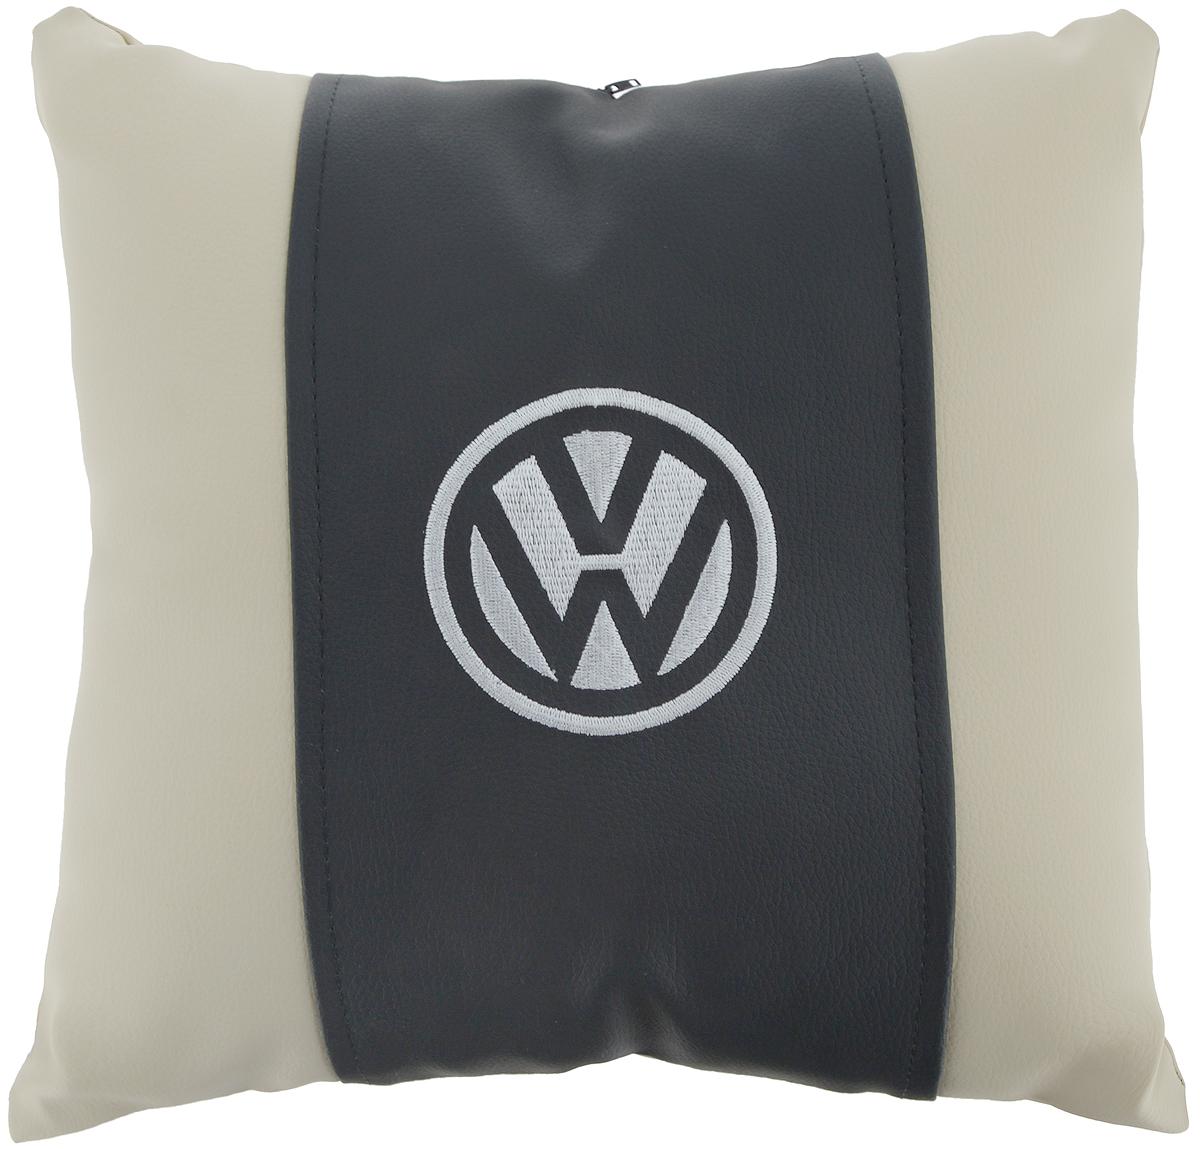 Подушка на сиденье Autoparts Volkswagen, 30 х 30 смМ049Подушка на сиденье Autoparts Volkswagen создана для тех, кто весь свой день вынужден проводить за рулем. Чехол выполнен из высококачественной дышащей экокожи. Наполнителем служит холлофайбер. На задней части подушки имеется змейка.Особенности подушки:- Хорошо проветривается.- Предупреждает потение.- Поддерживает комфортную температуру.- Обминается по форме тела.- Улучшает кровообращение.- Исключает затечные явления.- Предупреждает развитие заболеваний, связанных с сидячим образом жизни. Подушка также будет полезна и дома - при работе за компьютером, школьникам - при выполнении домашних работ, да и в любимом кресле перед телевизором.